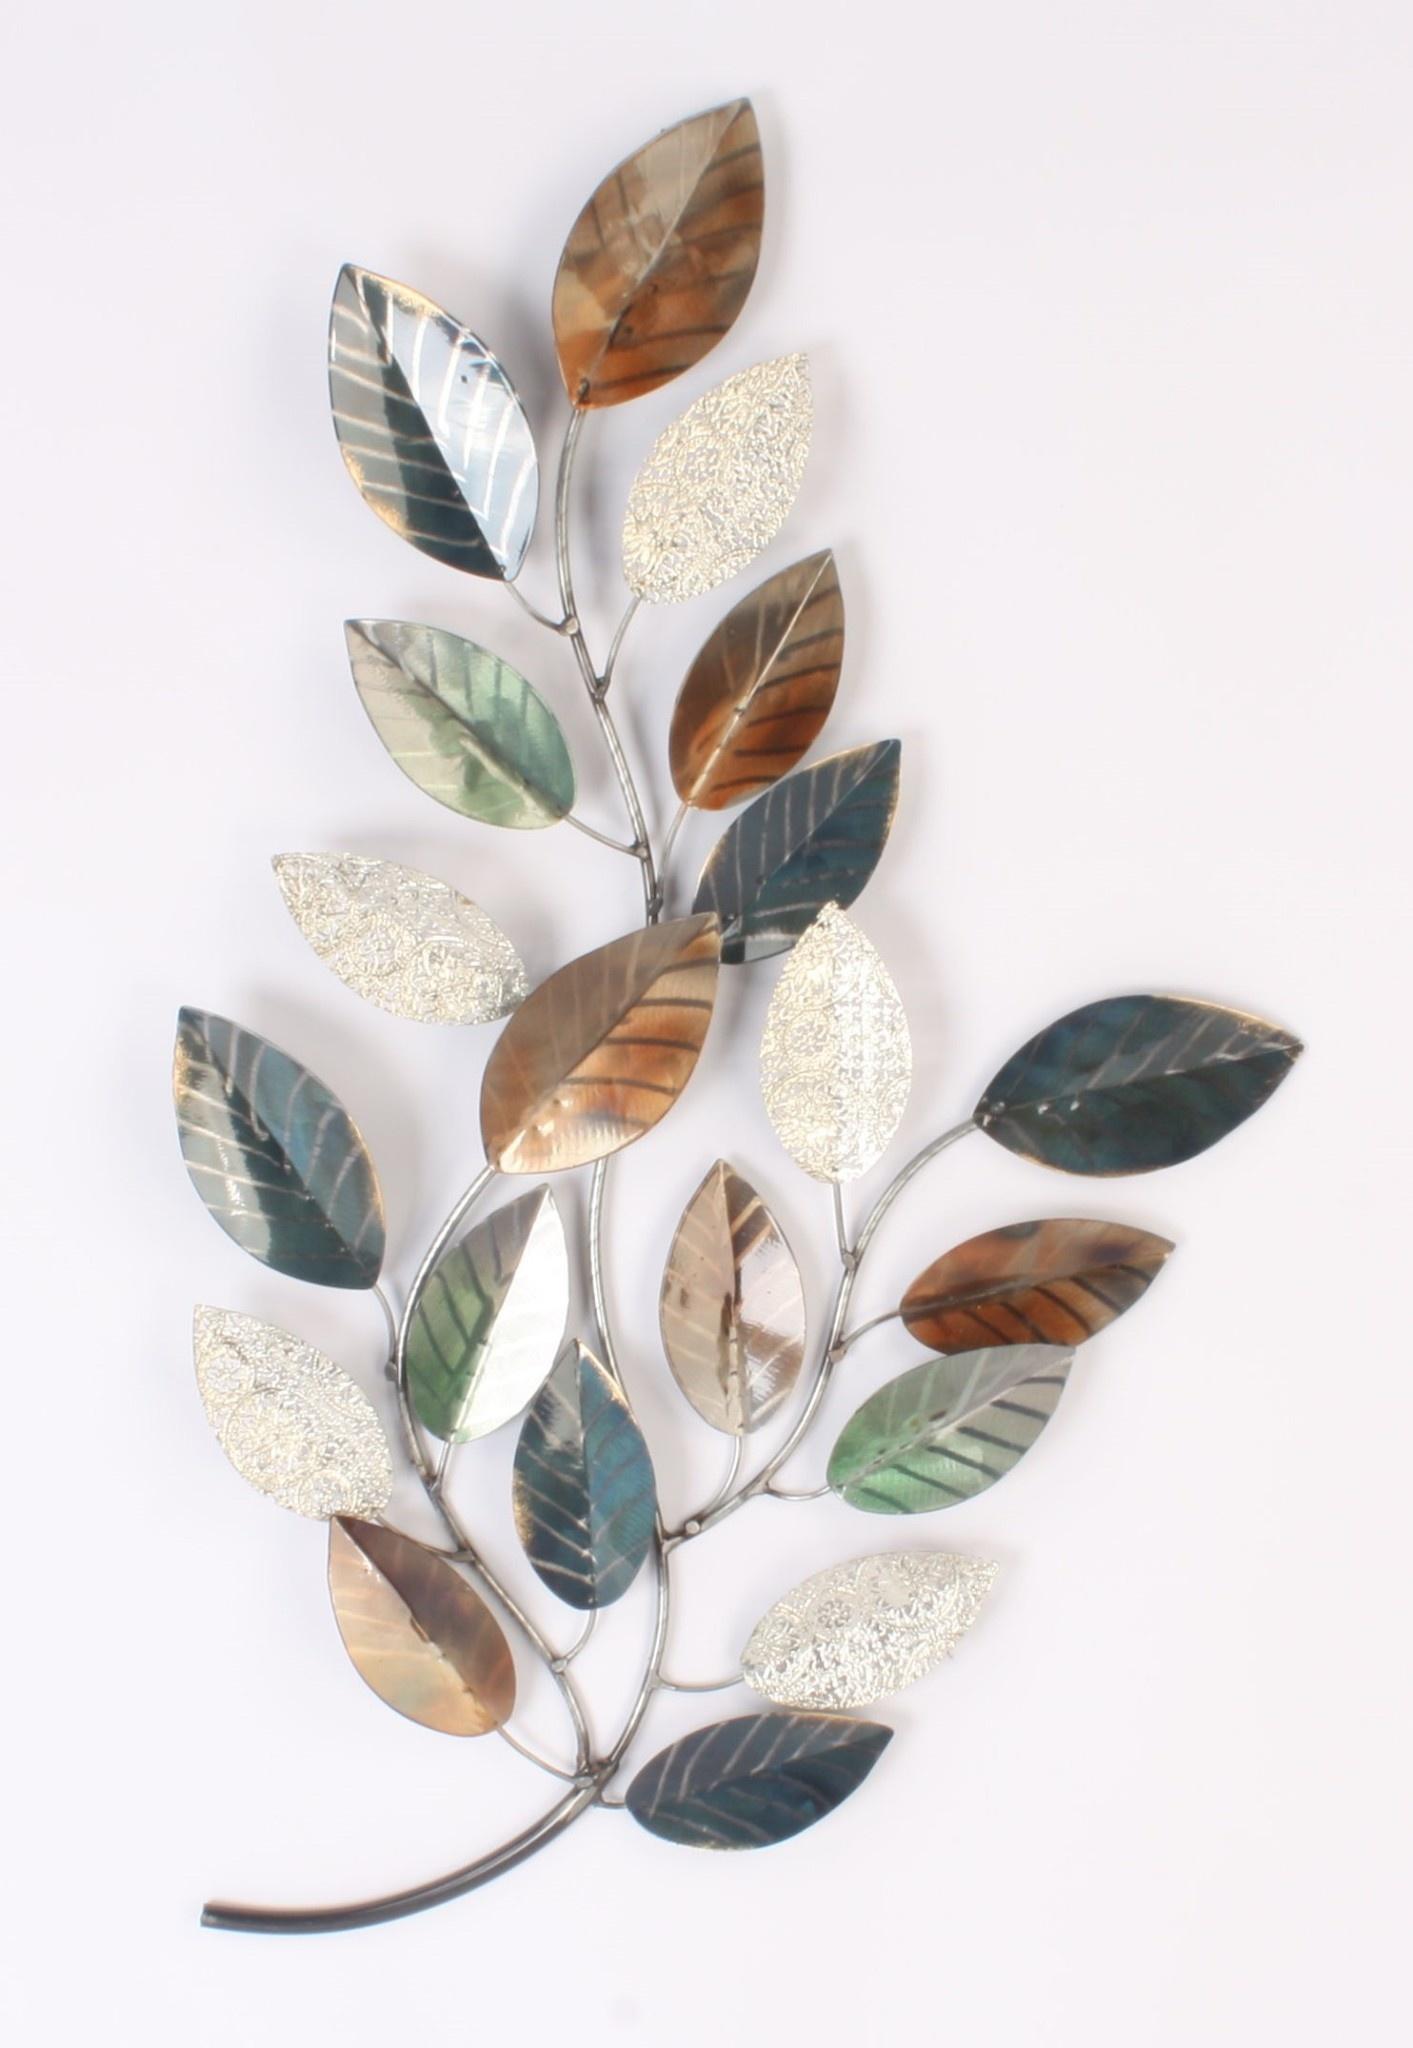 Wand decoratie metaal tak met blad